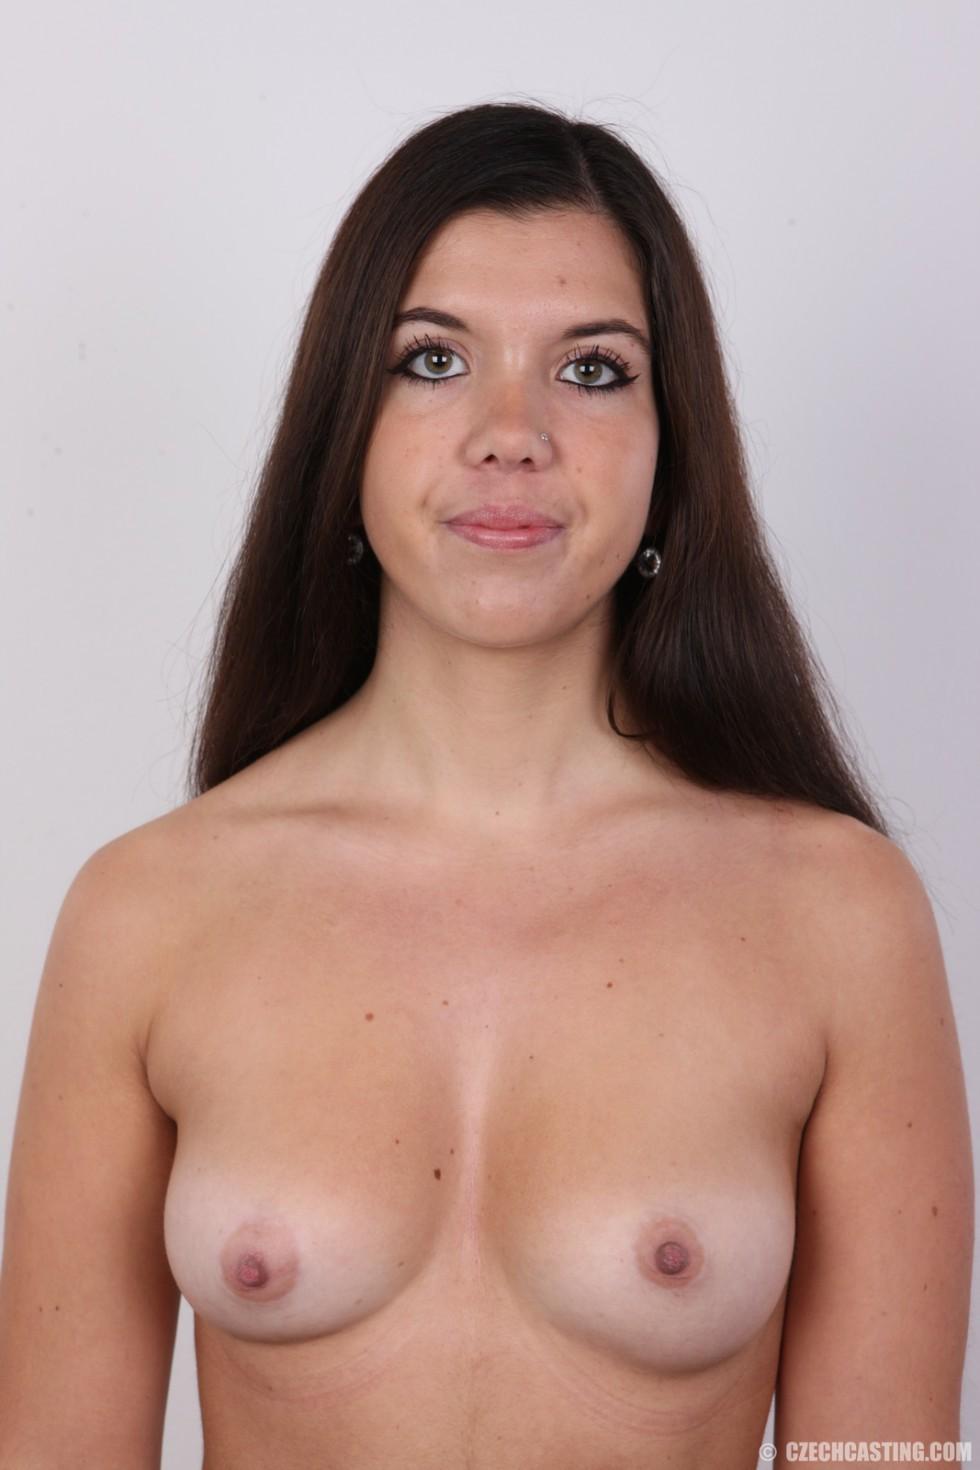 Длинноволосая брюнетка решила заработать денег эротической фото сессией